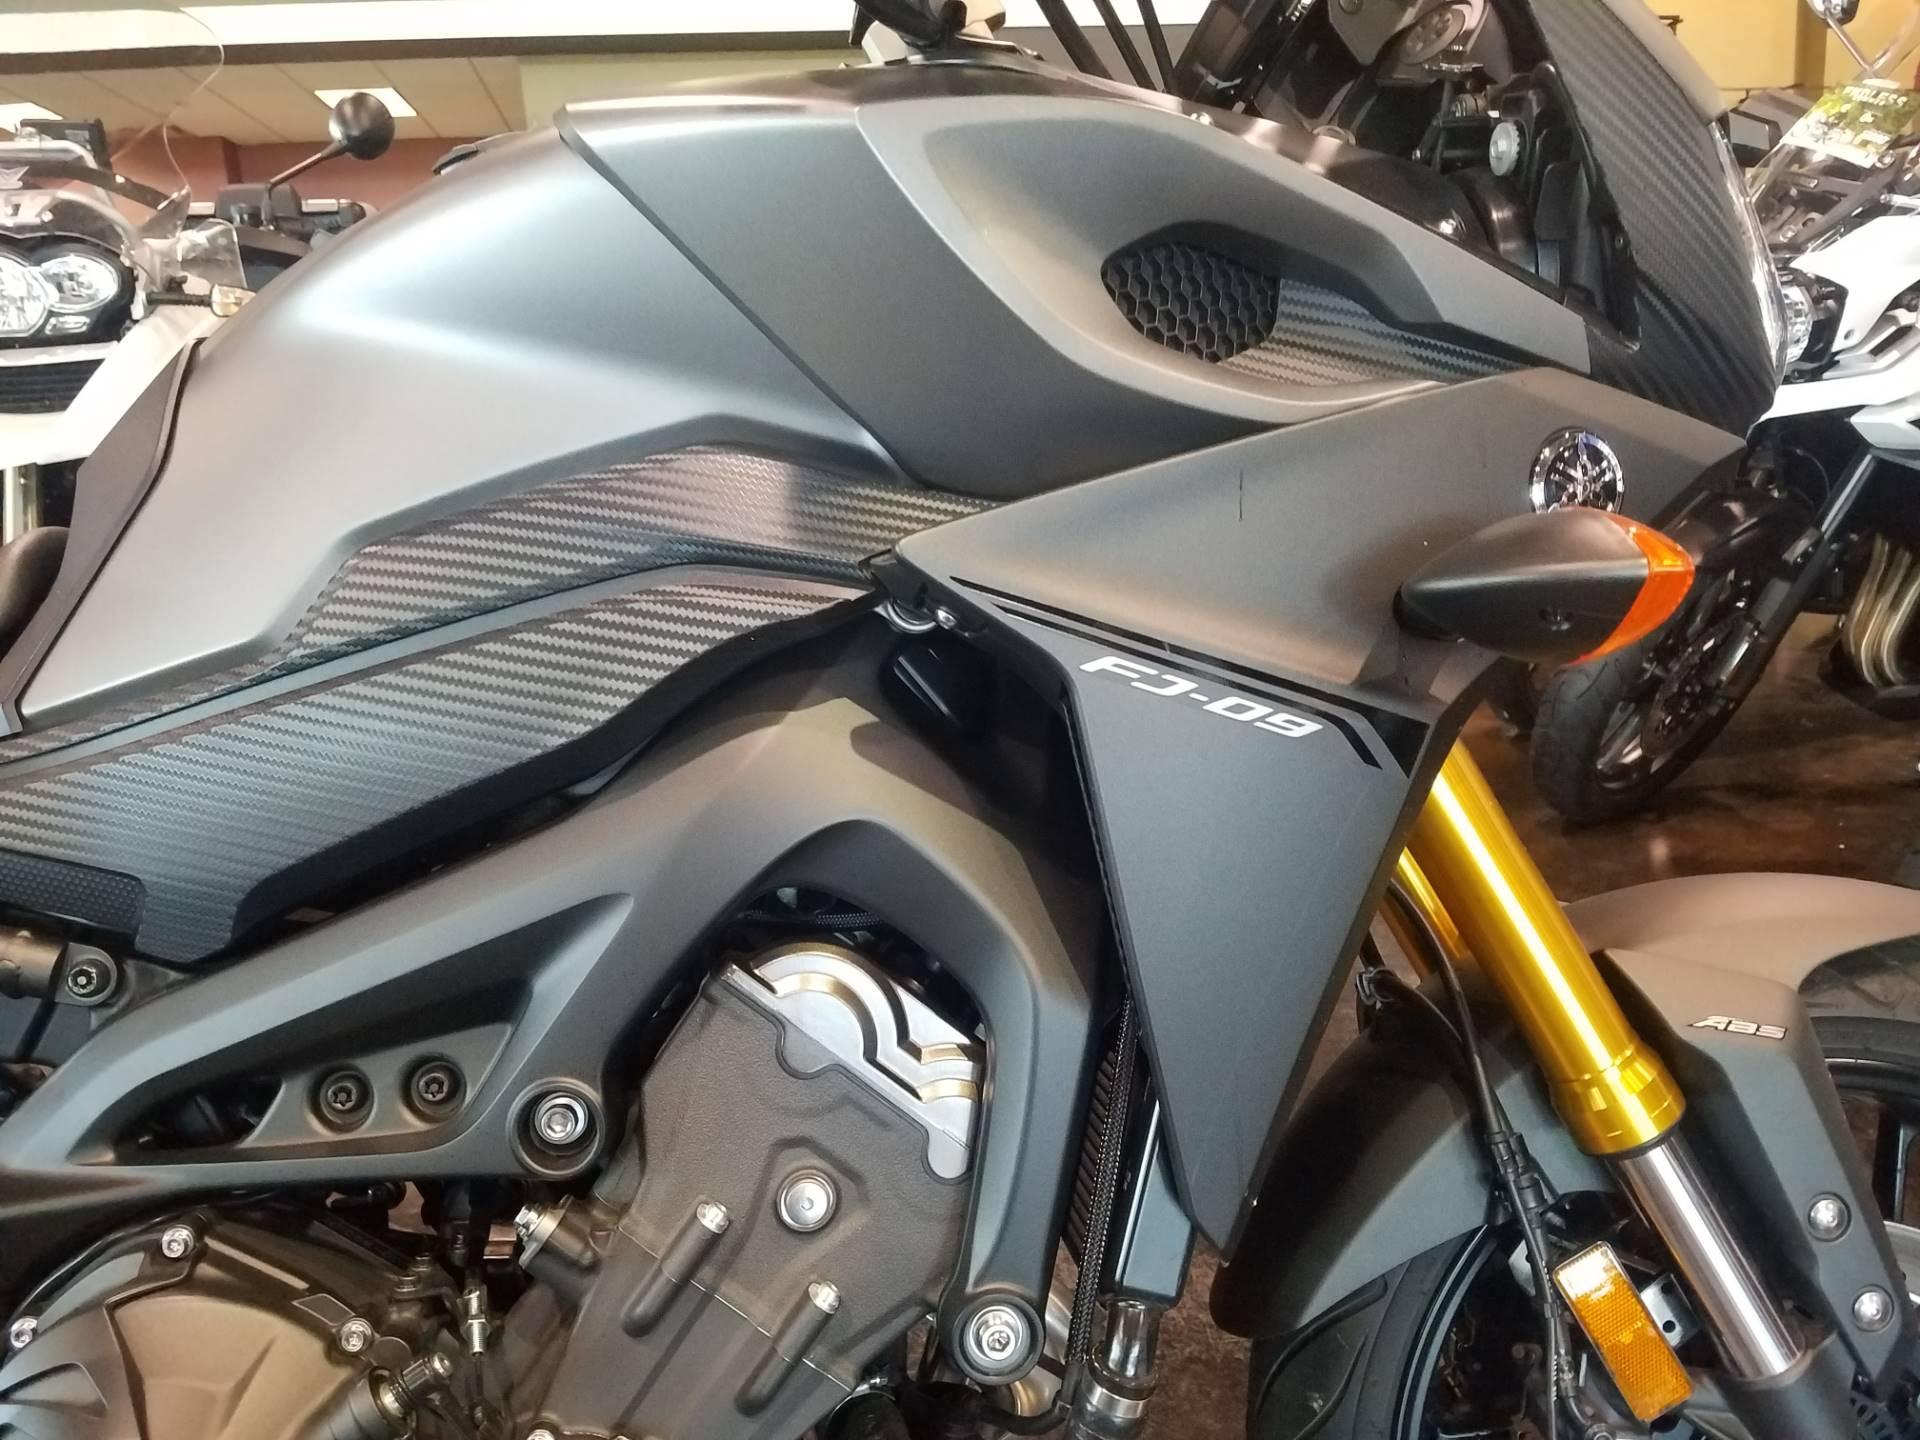 2015 Yamaha FJ-09 7